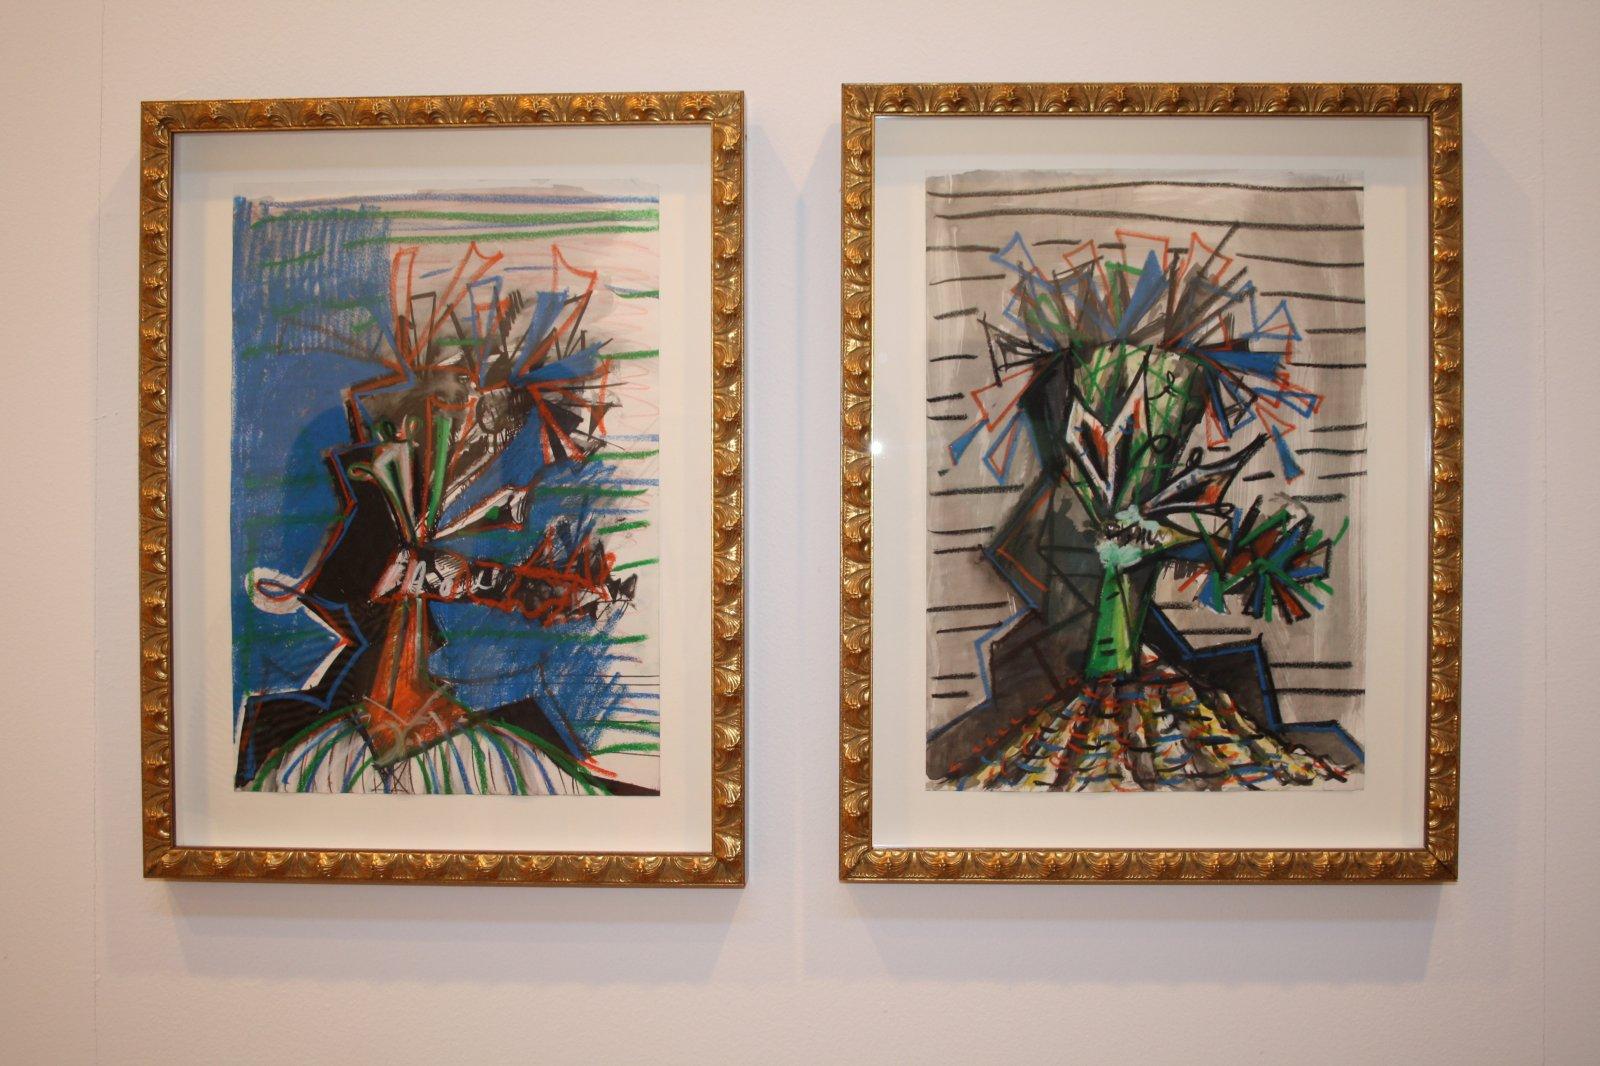 Obra de Ángel Masip. Galería AREA72/PUNTO.